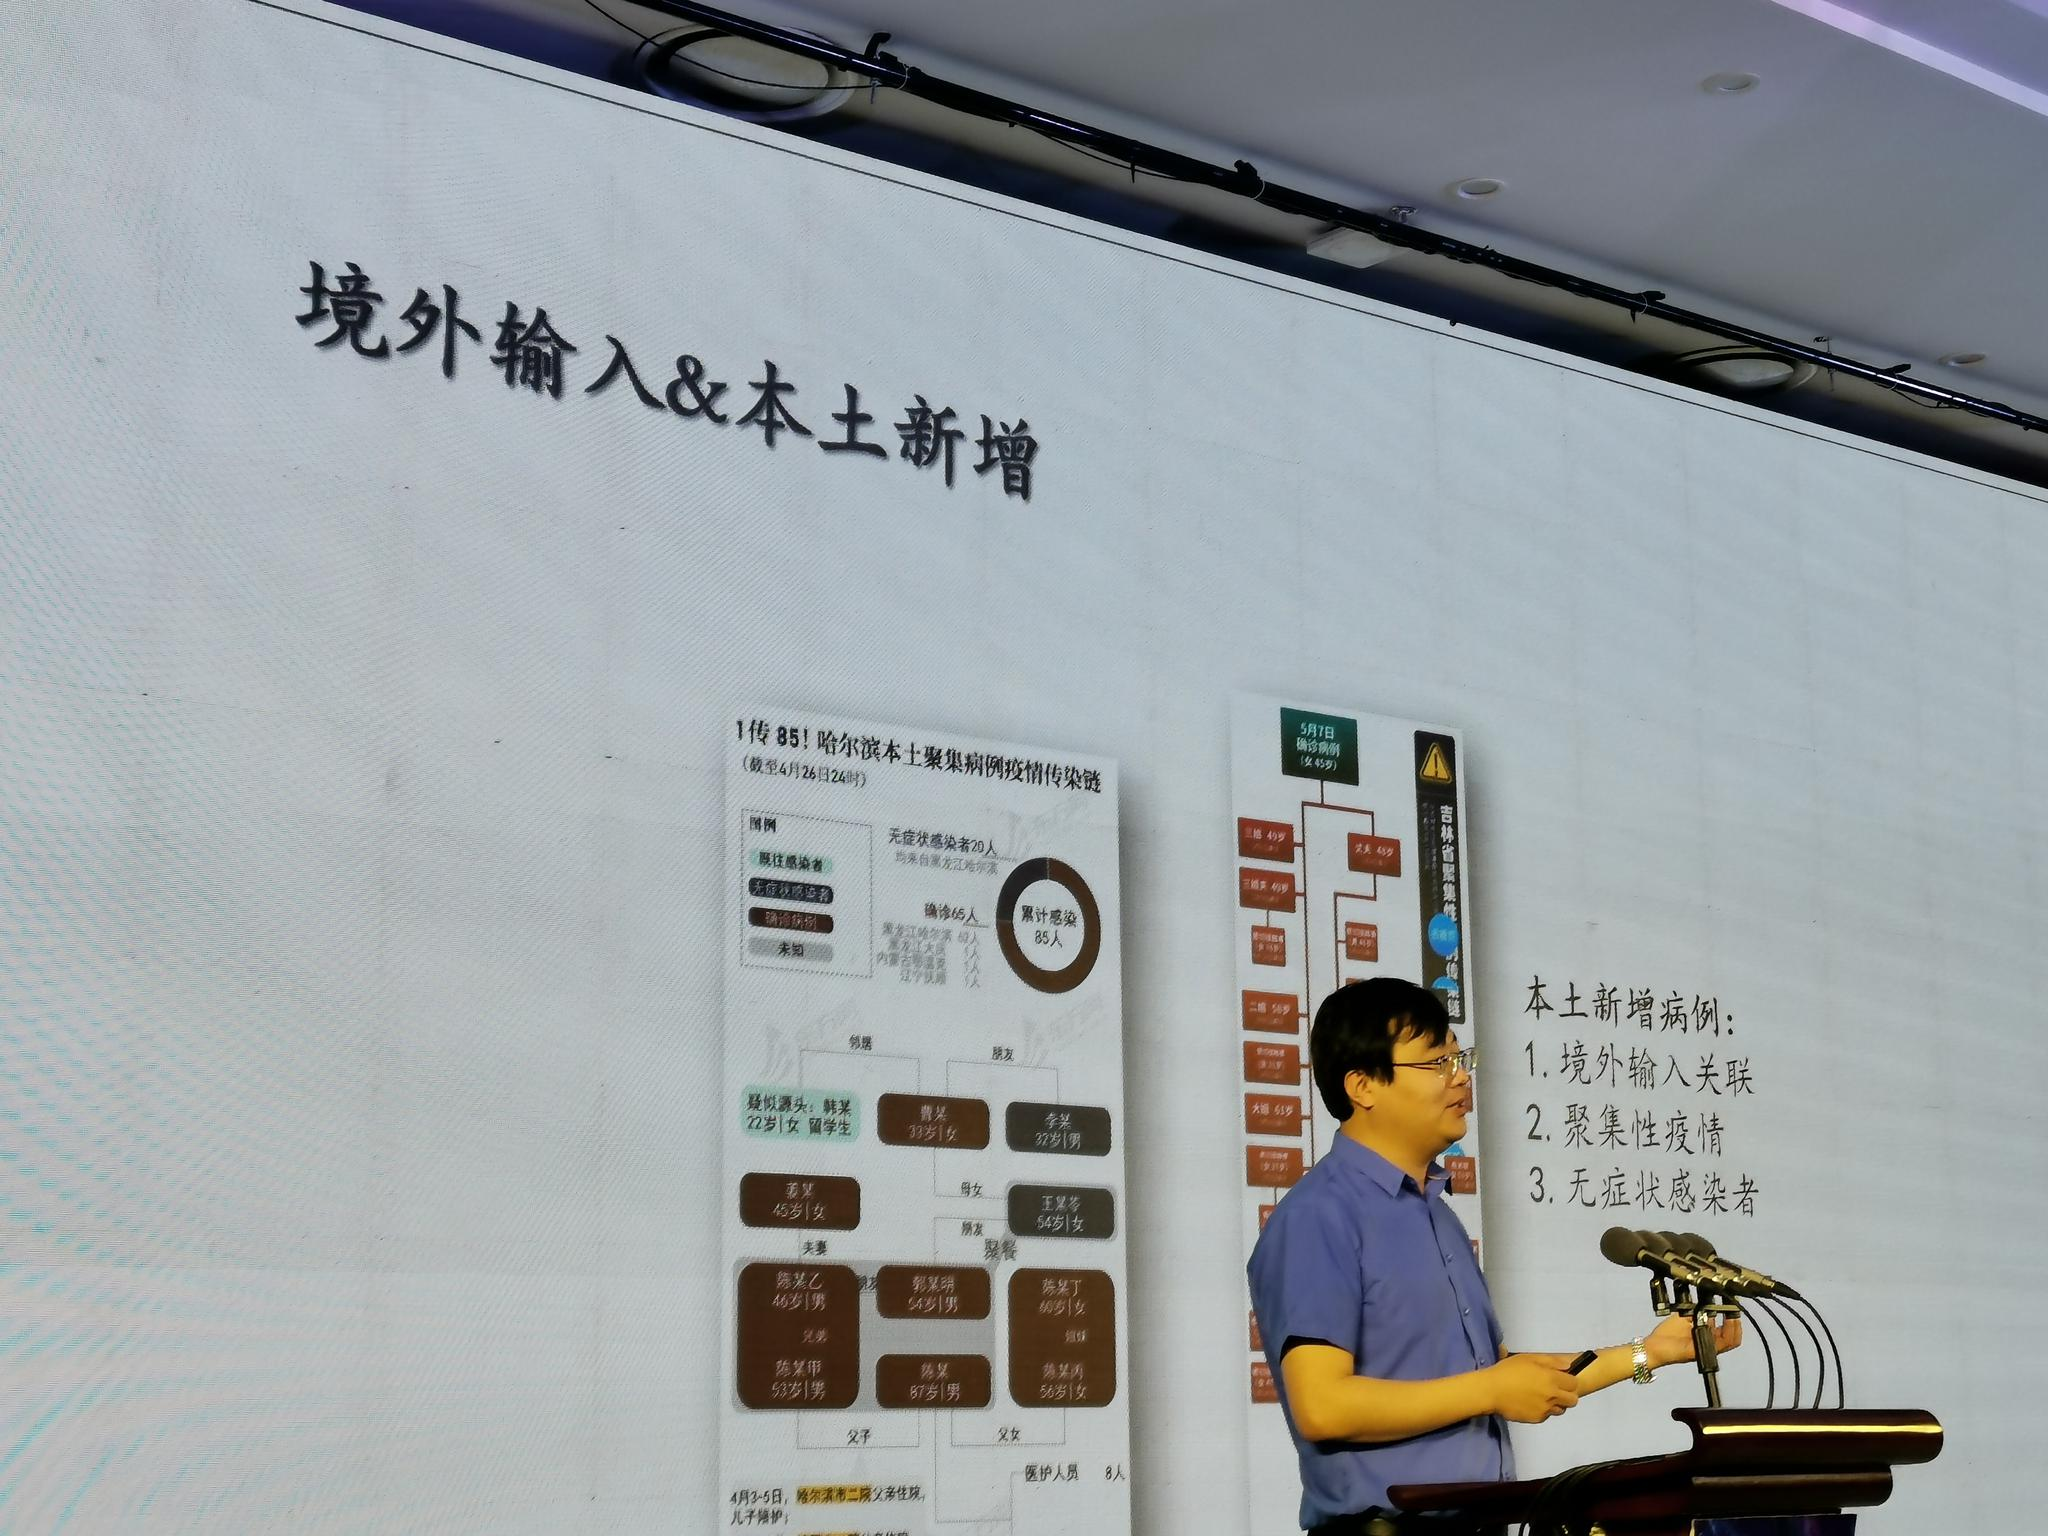 「摩鑫注册」科技场馆如何开放三地馆长这摩鑫注册么说图片